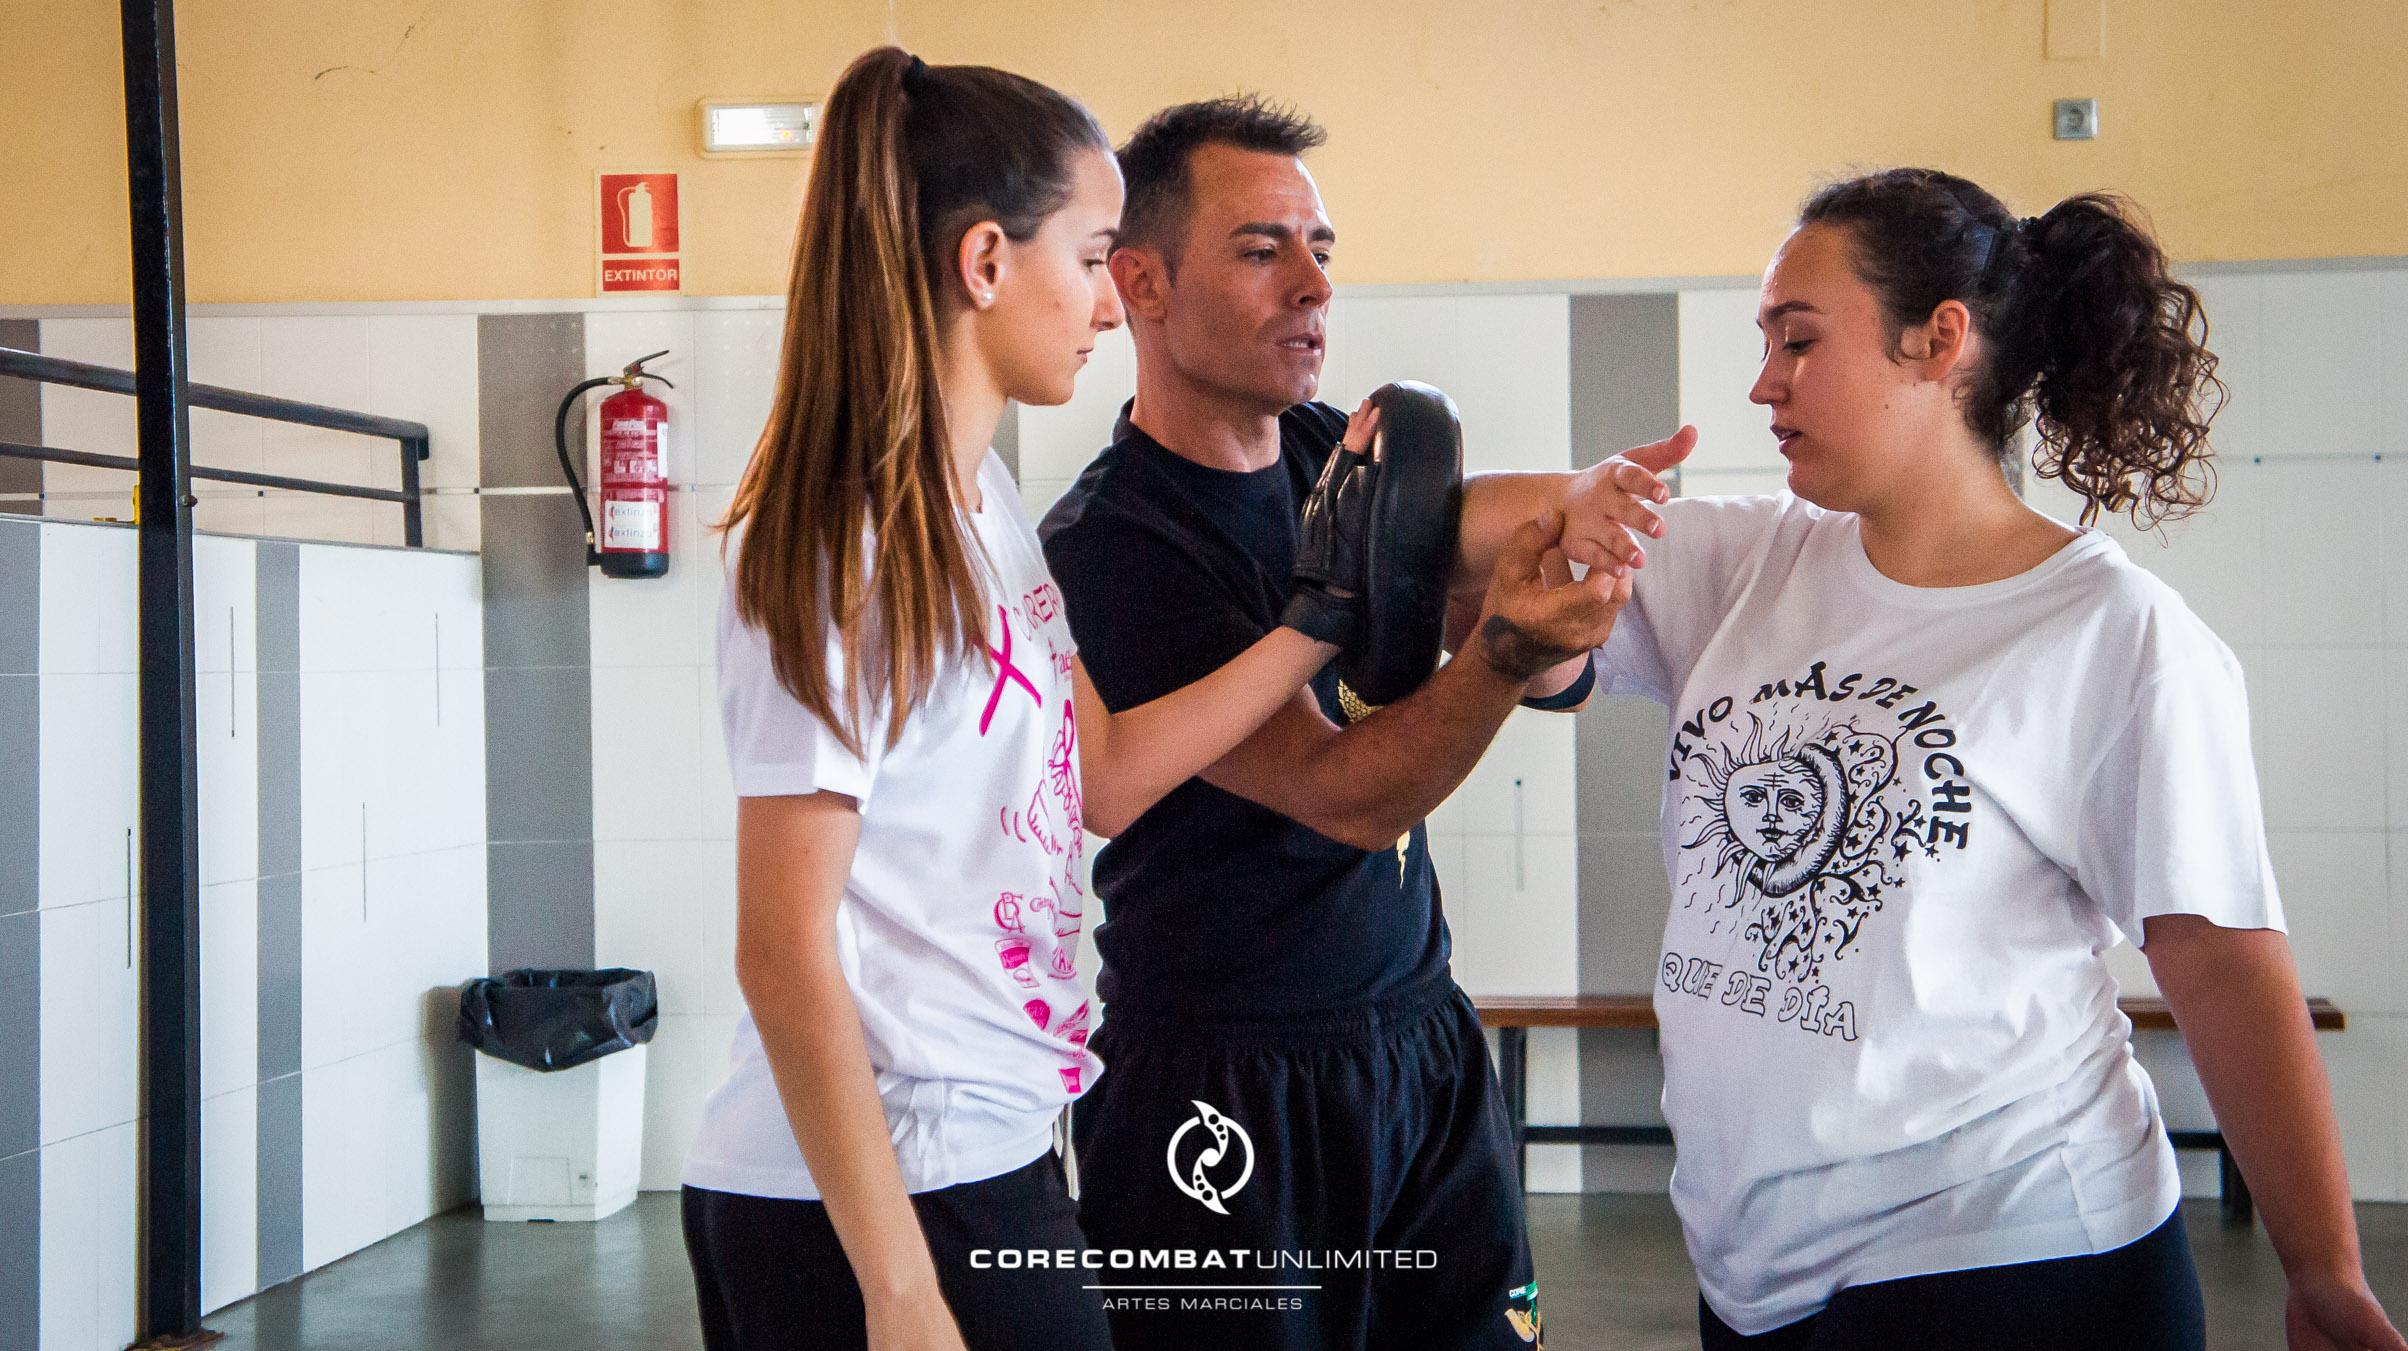 curso-defensa-personal-para-mujeres-zamora-coreses-artes-marciales-zamora-core-combat-salamanca-valladolid-leon-madrid-25